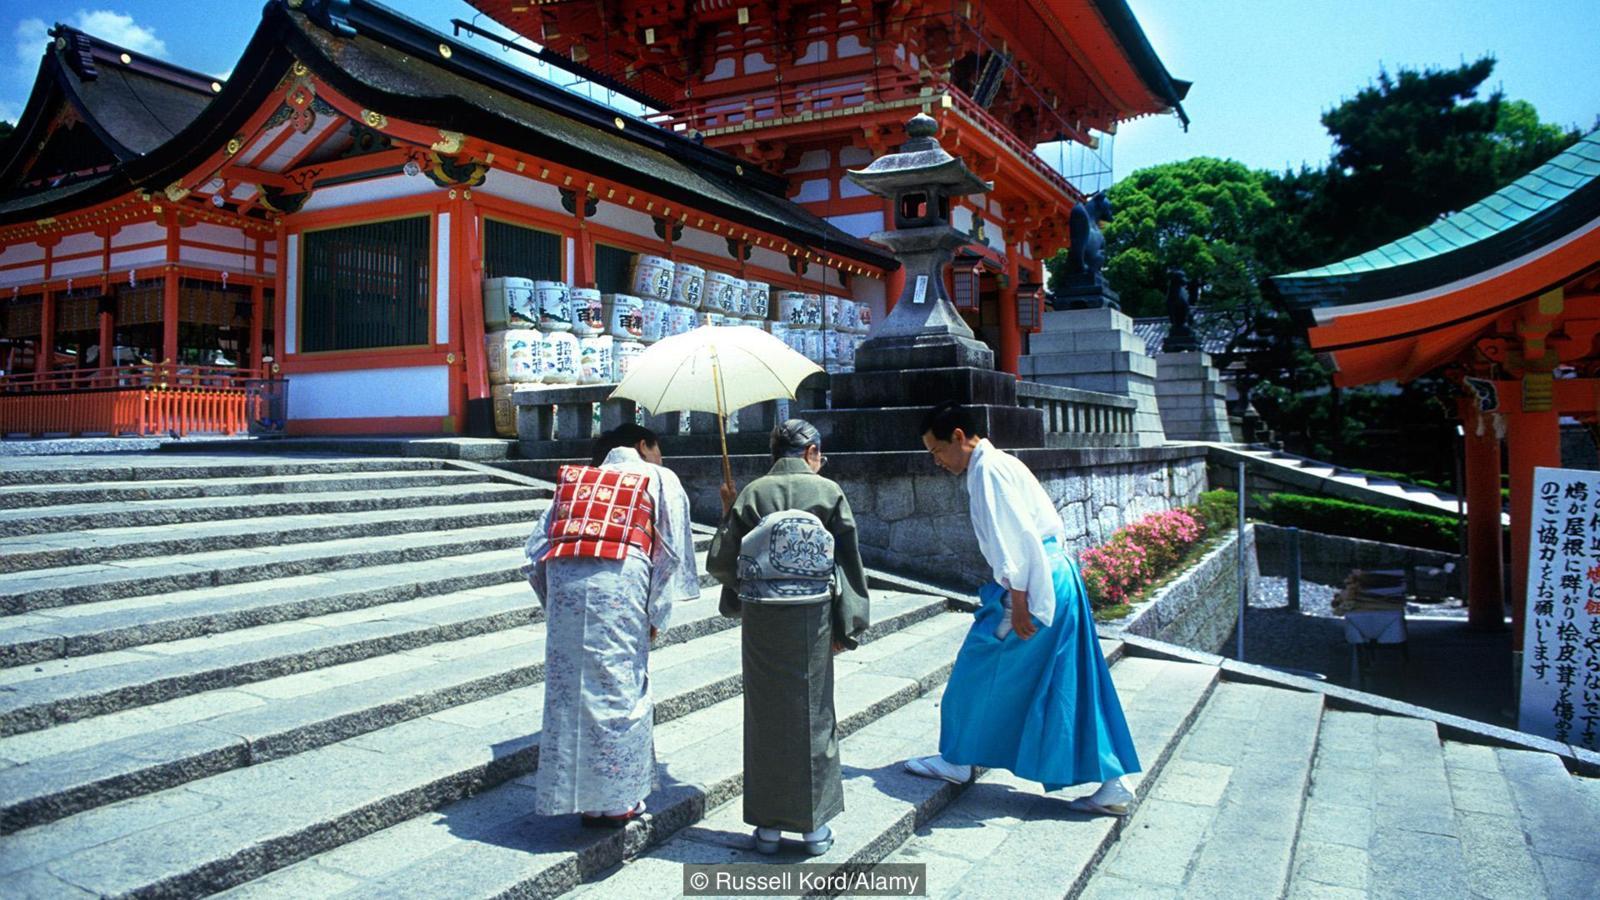 A9B5NN FUSHIMI INARI TAISHA SHRINE KYOTO HONSHU JAPAN